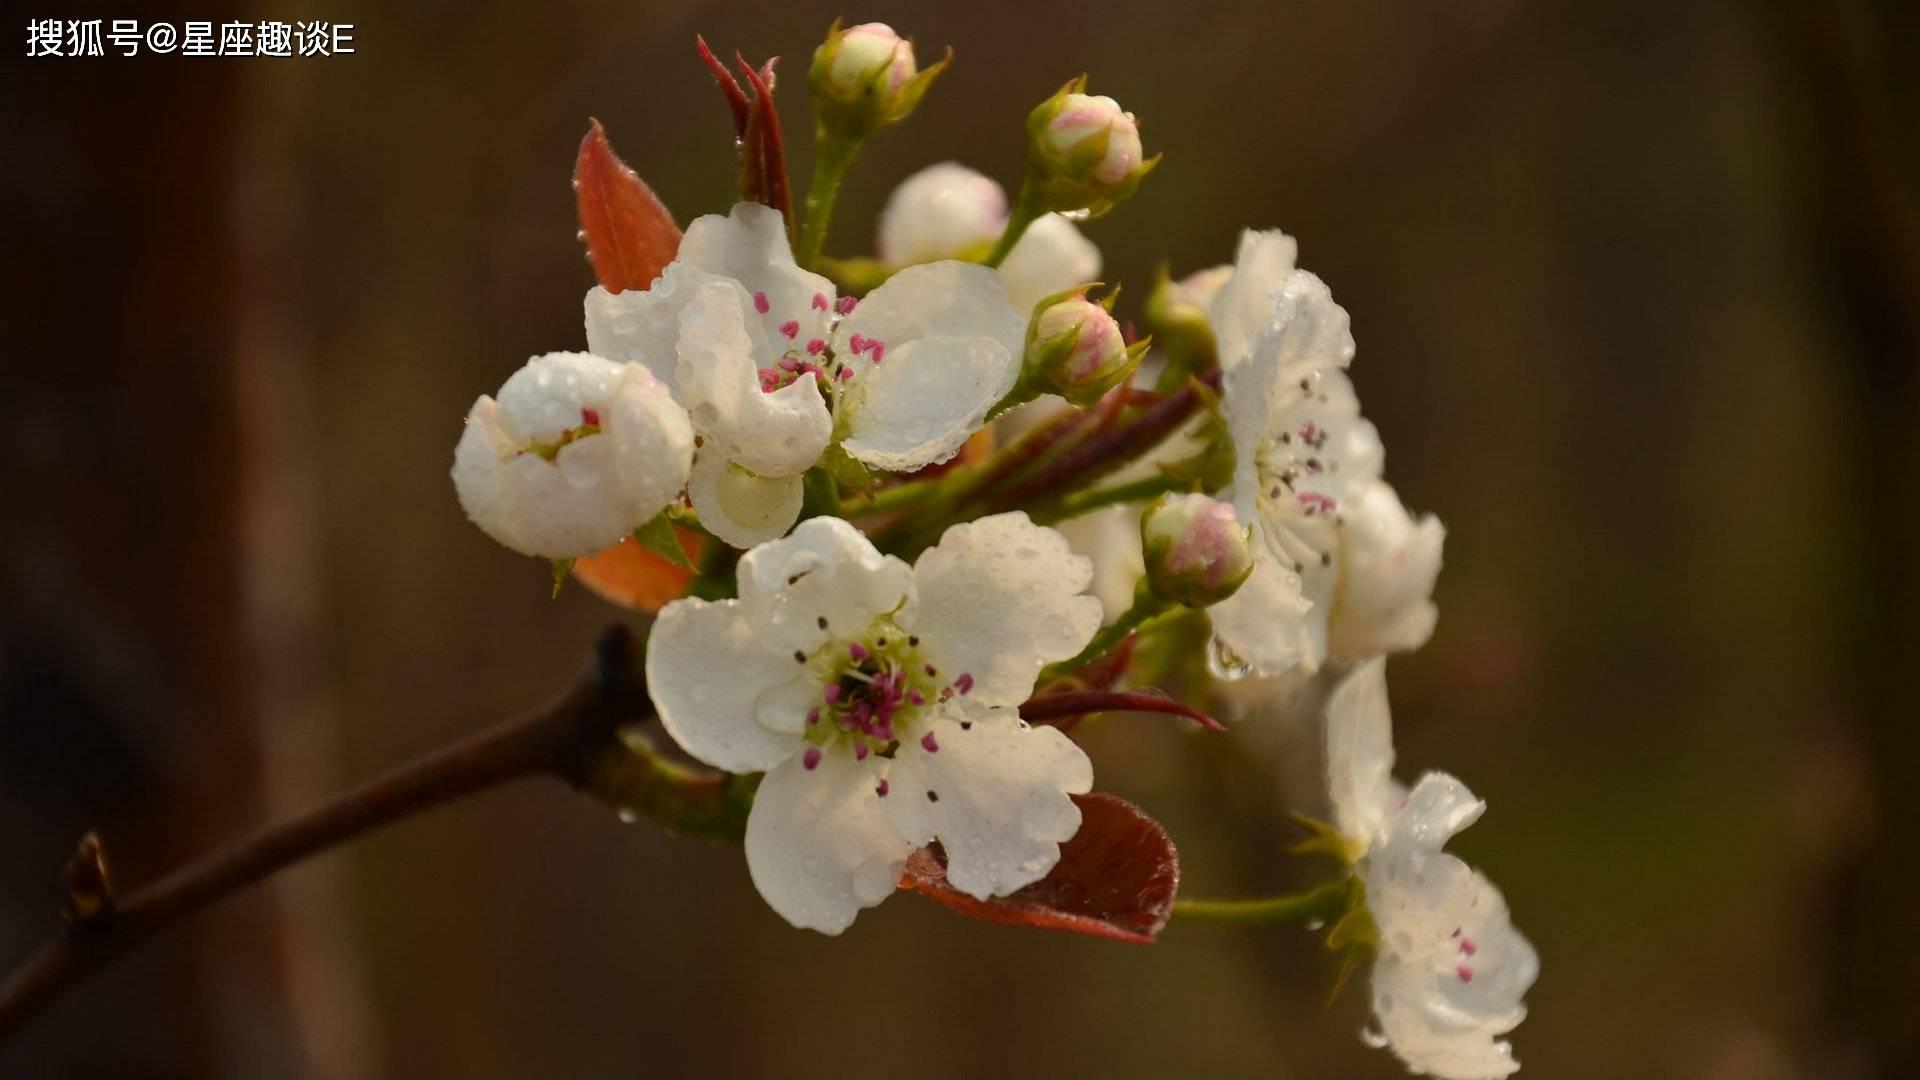 在4月中旬,桃花绽放,笃定情缘,百年好合的三大星座  第1张